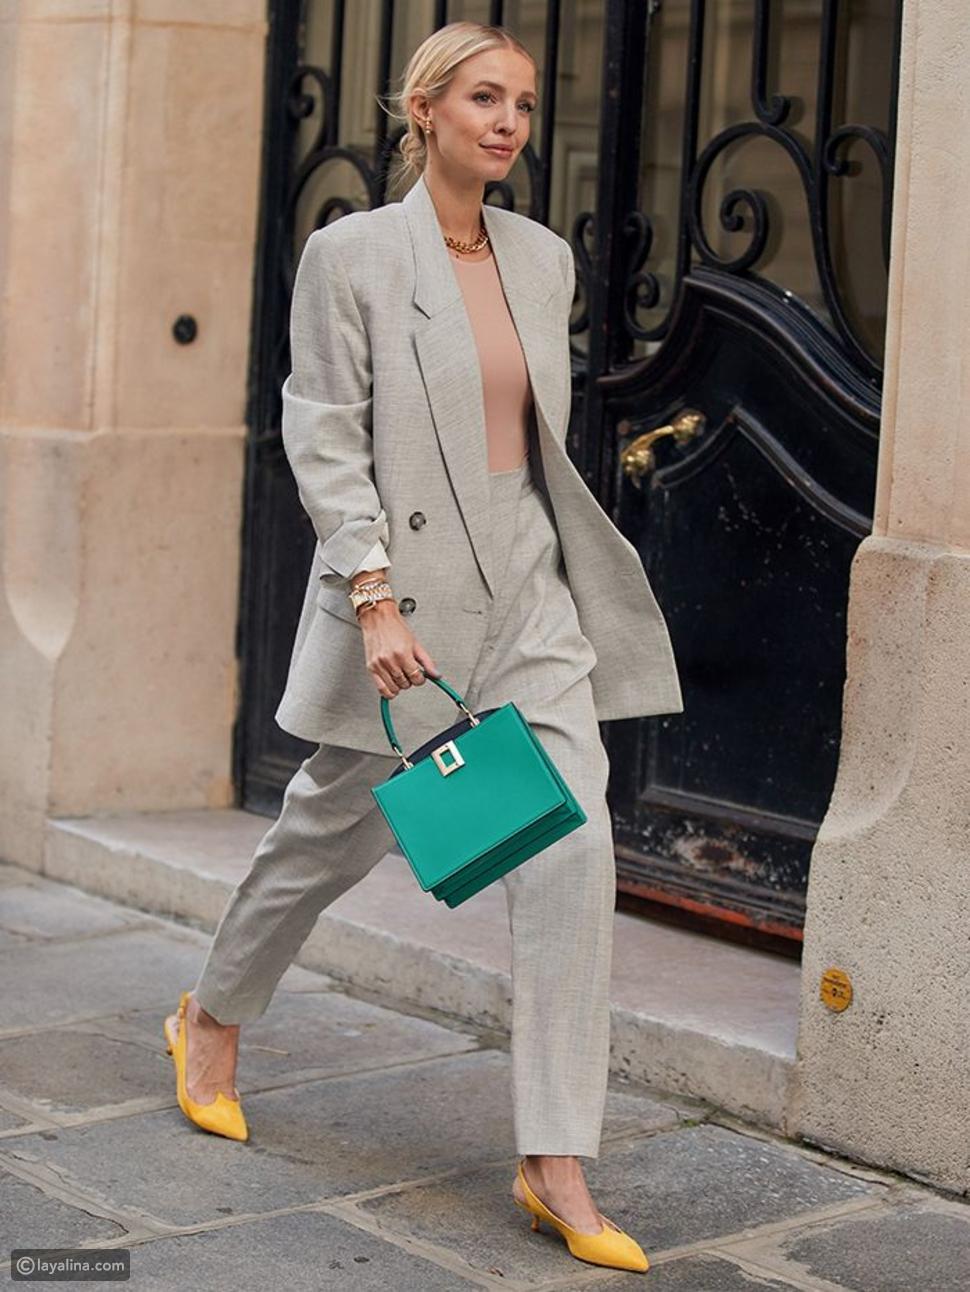 أخطاء في الموضة لا يجب أن ترتكبيها بعد الآن: مطابقة الملحقات